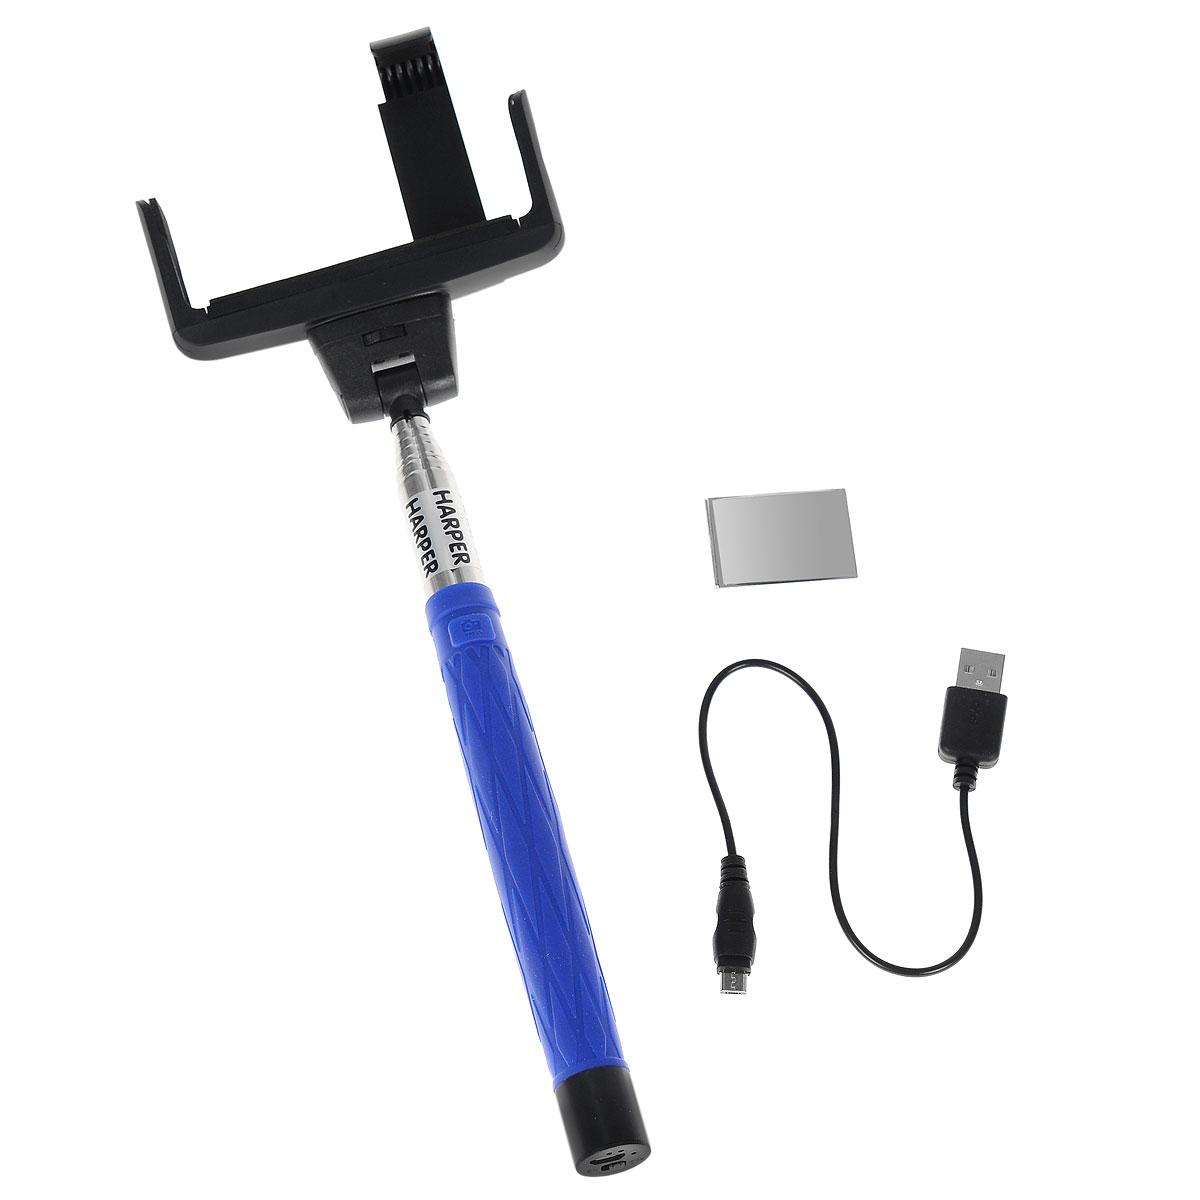 Harper RSB-104, Blue монопод для селфиRSB-104 BlueHarper RSB-104 - телескопический монопод для проведения фото и видеосъемки с максимальной нагрузкой 500 грамм. Поддержка беспроводного соединения Bluetooth 3.0 позволяет осуществлять съемку без использования кабеля. Данная модель имеет встроенный аккумулятор на 45 мАч, что обеспечивает до 100 часов автономной работы.Емкость батареи: 45 мАчВремя зарядки: 1 часВремя работы аккумулятора: 100 часовМатериал: нержавеющая сталь